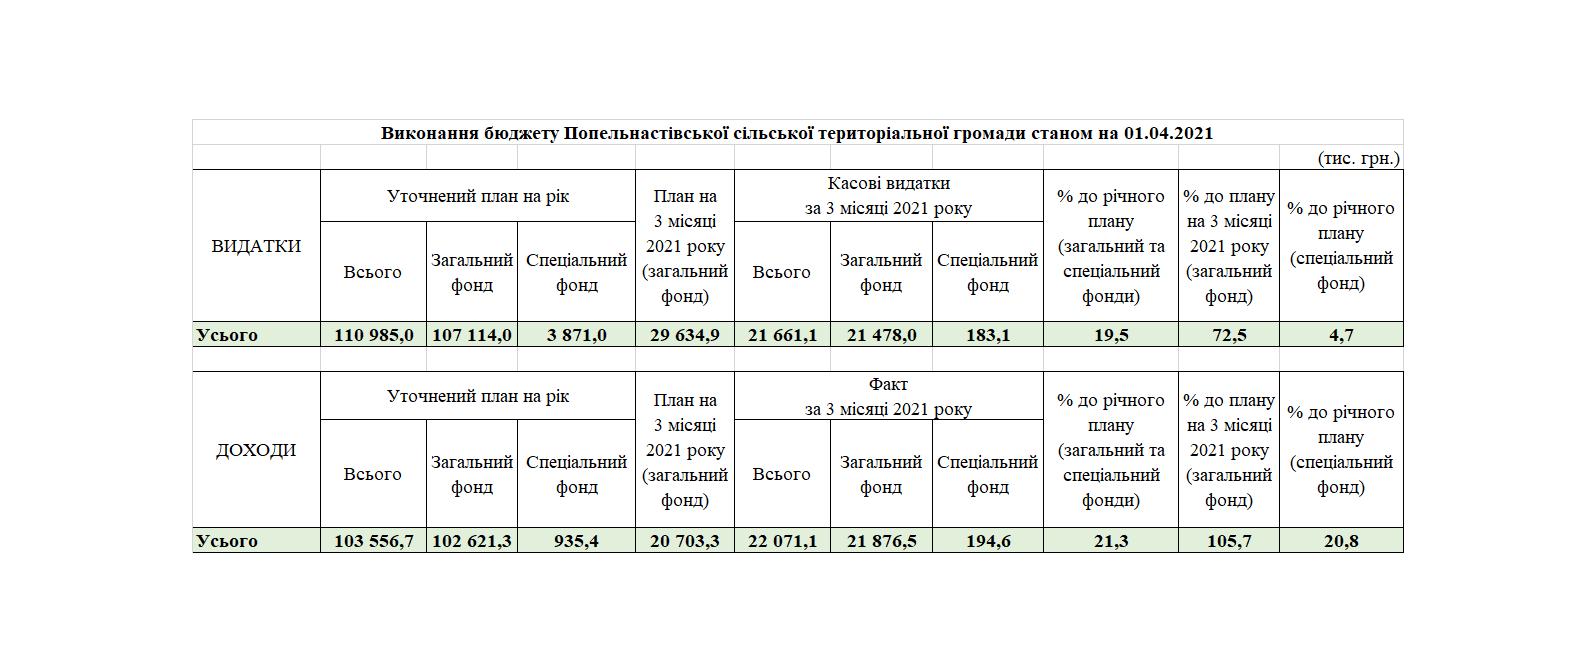 Виконання бюджету Попельнастівської сільської територіальної громади станом на 01.04.2021